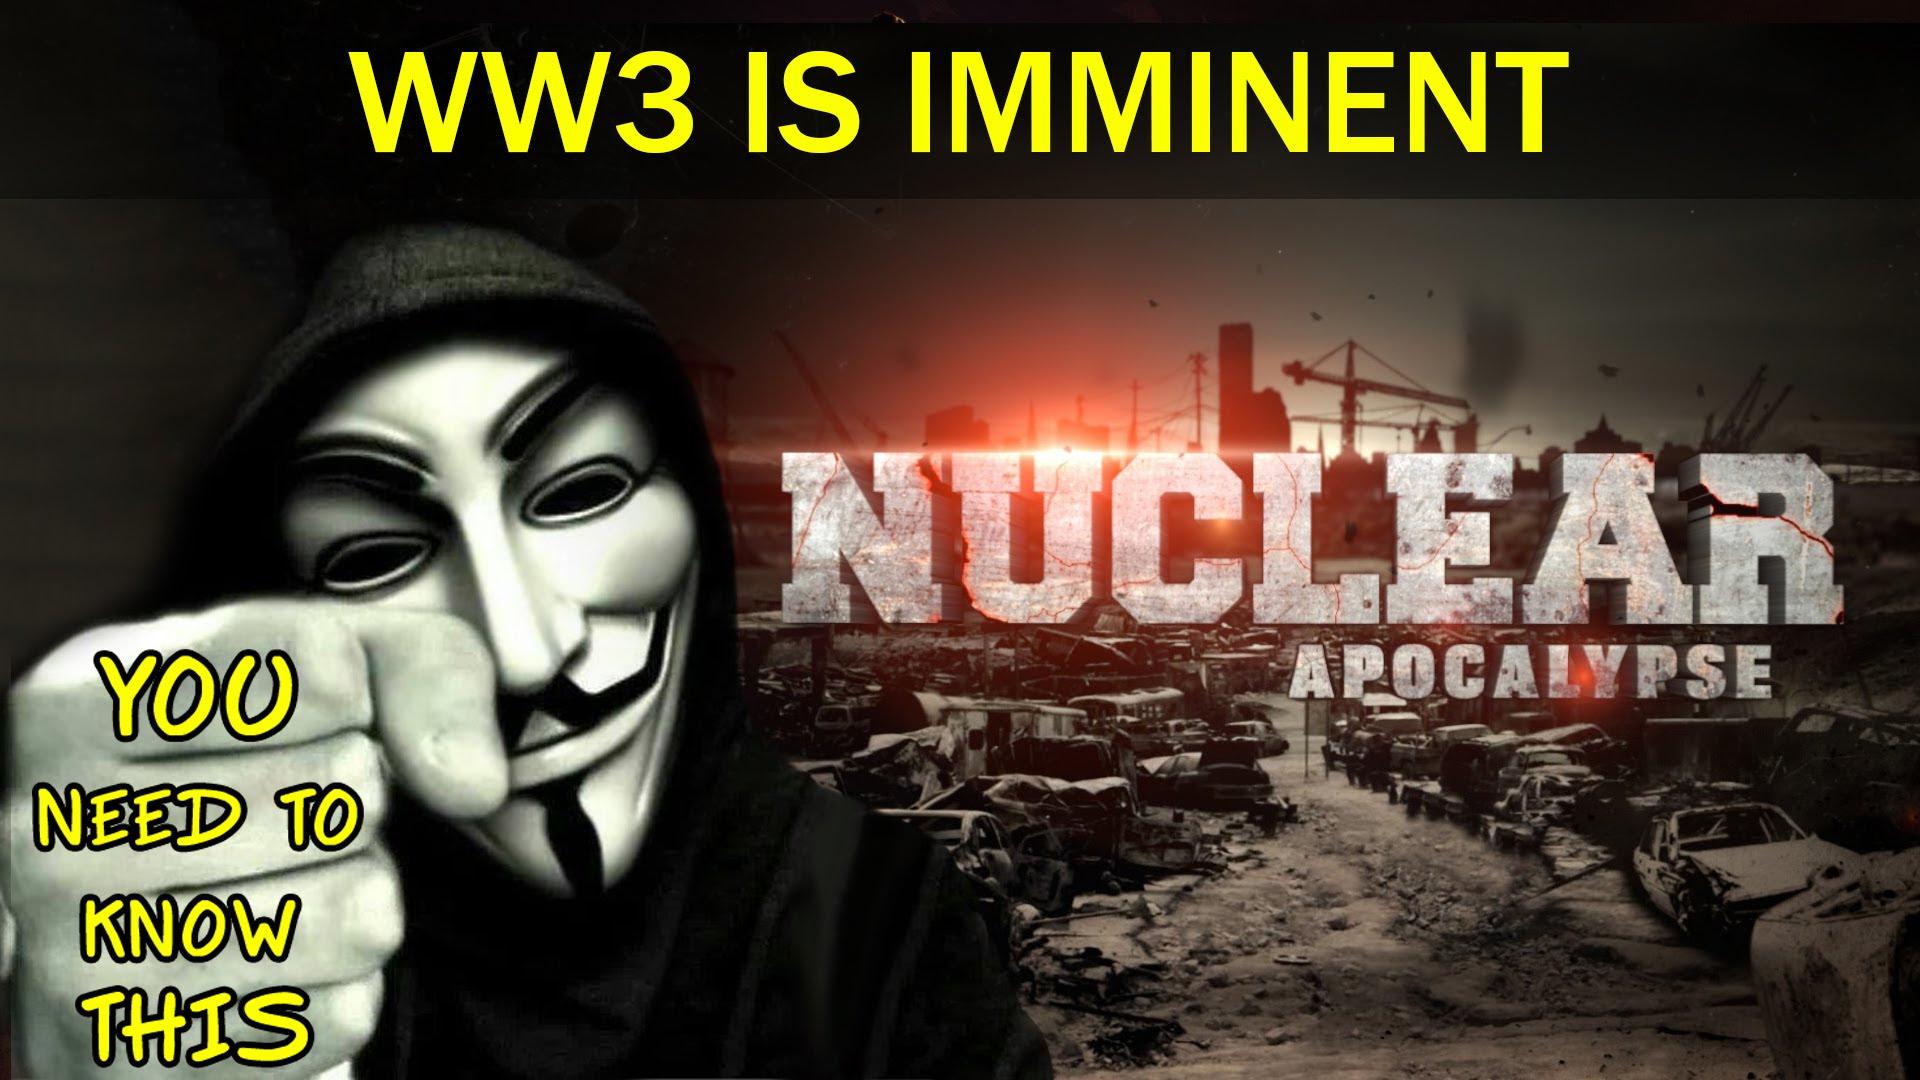 ww3_imminent.jpg